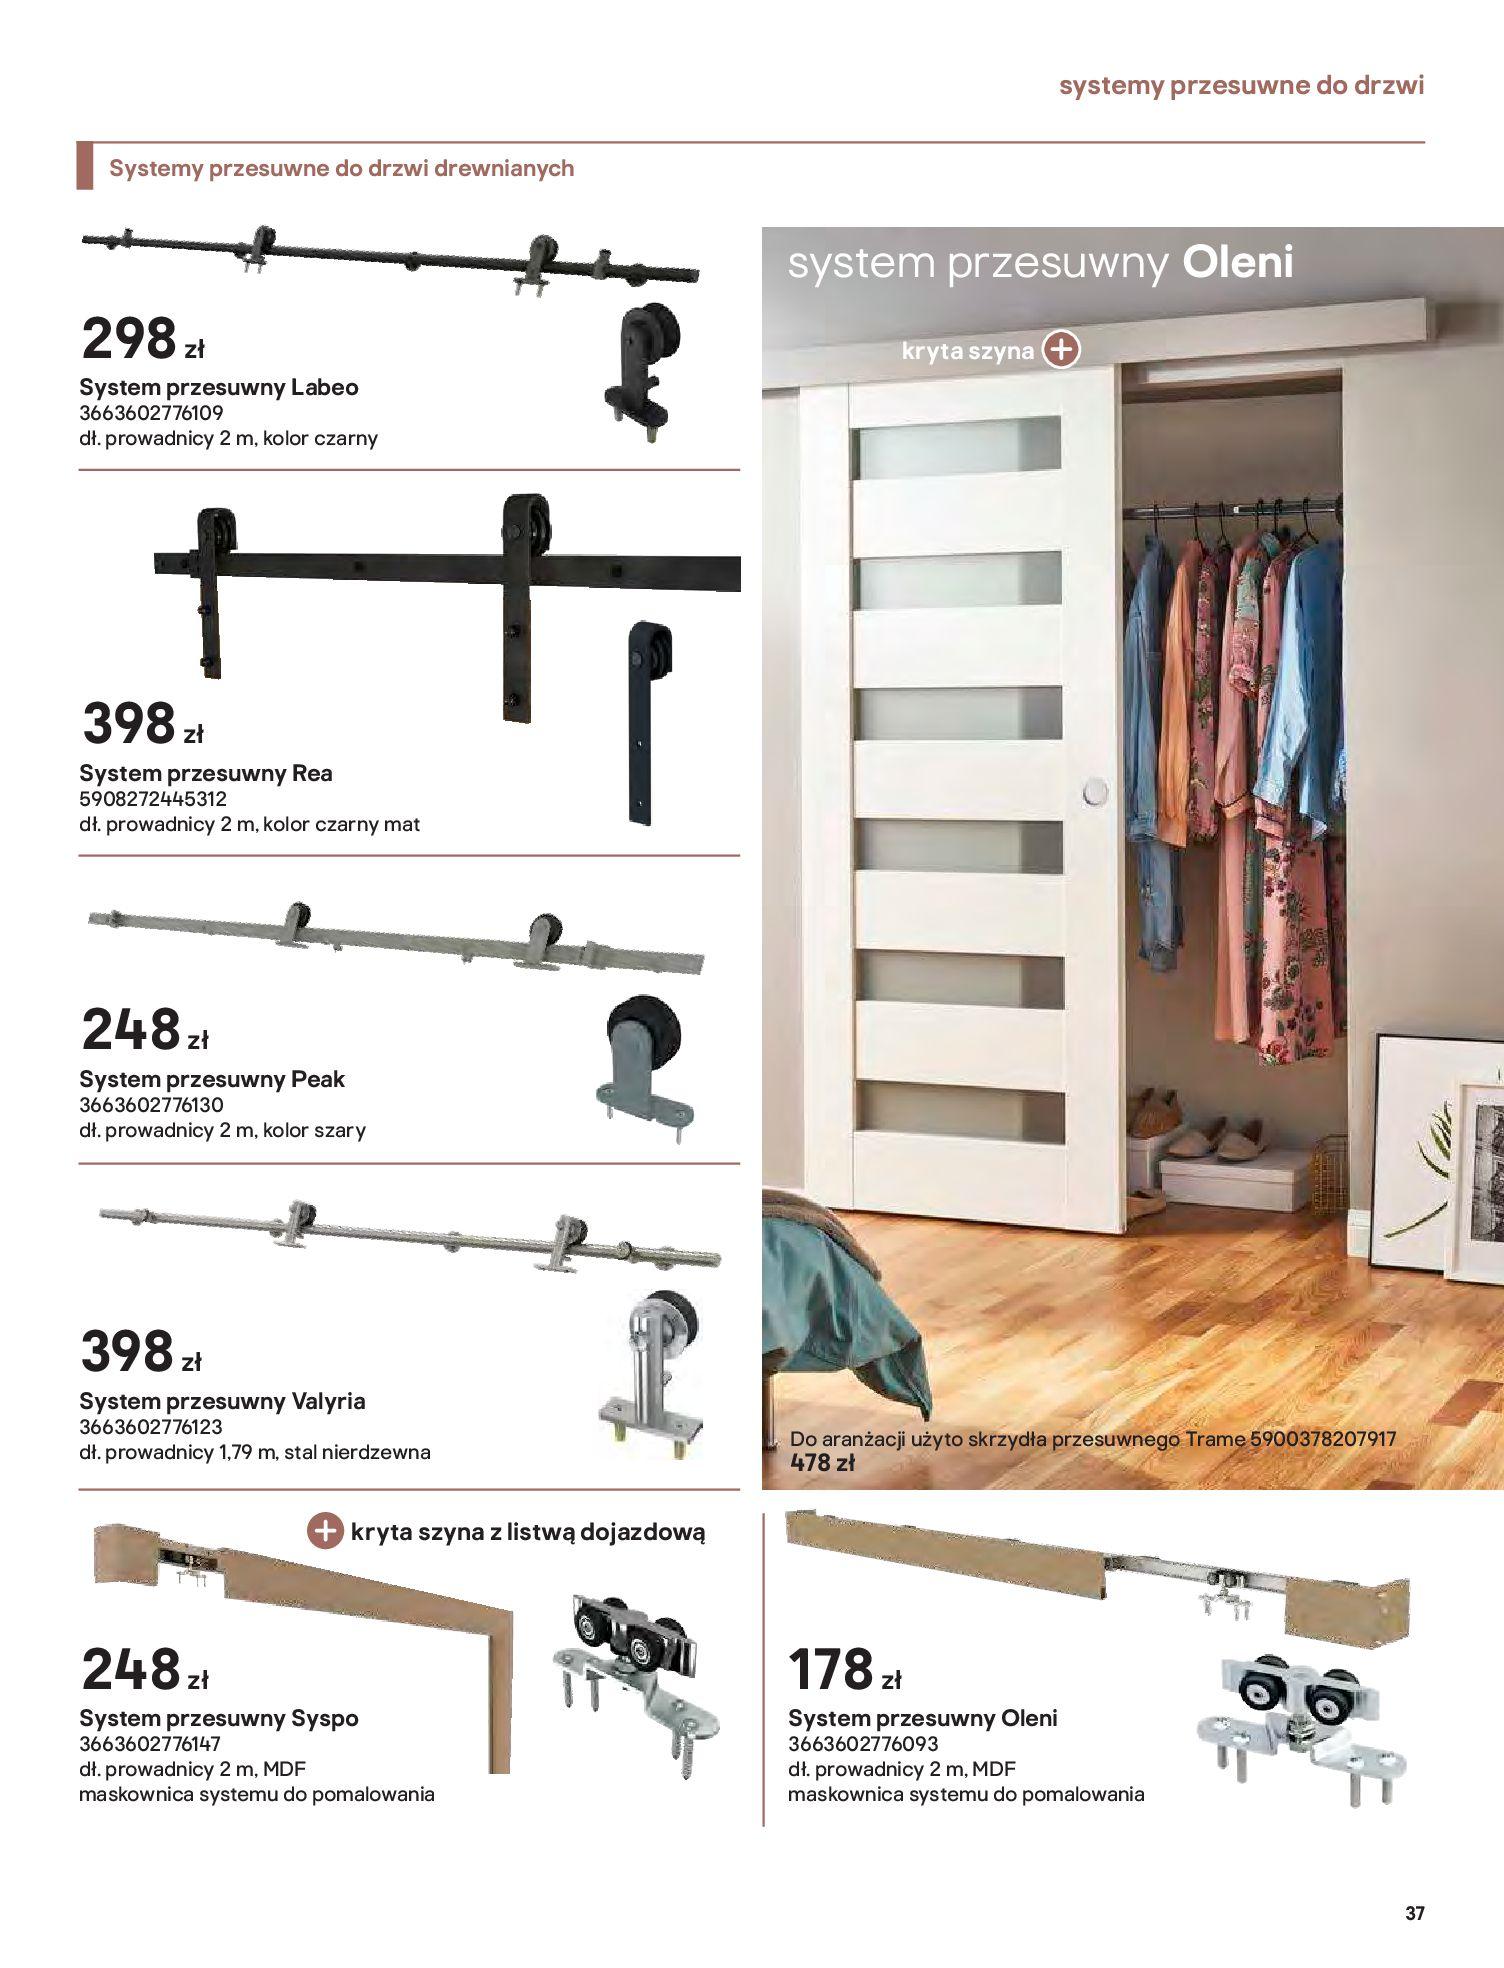 Gazetka Castorama: Gazetka Castorama - Przewodnik drzwi i podłogi 2021 2021-08-11 page-37